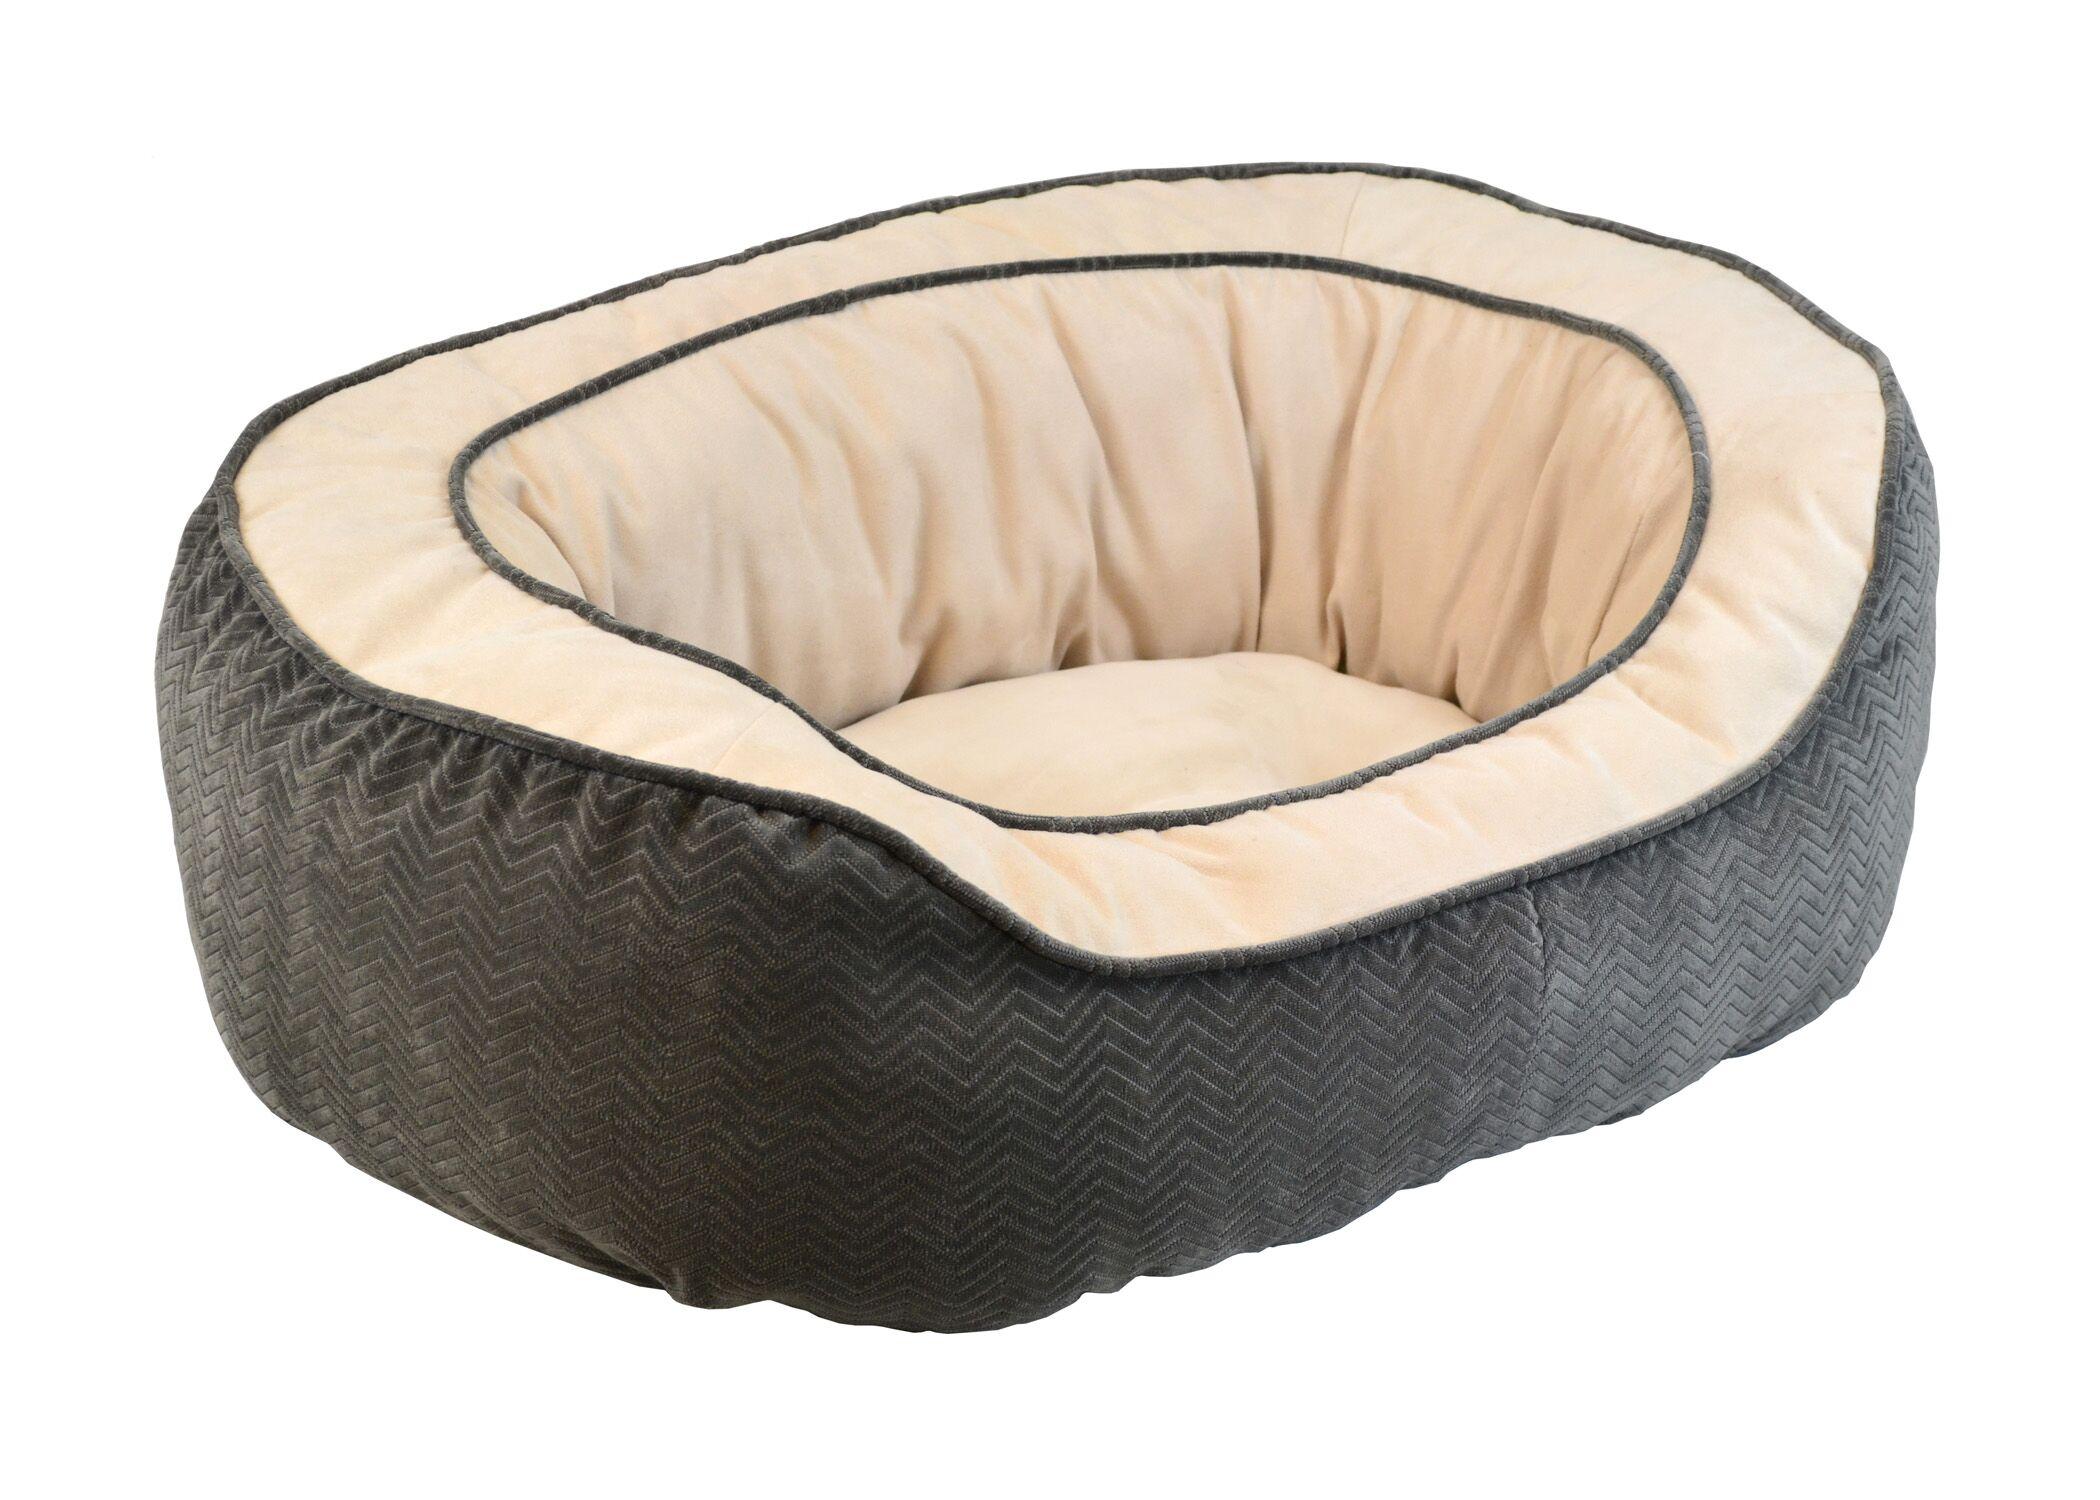 Haviland Gusset Daydreamer Pet Bed Color: Grey, Size: Large (32